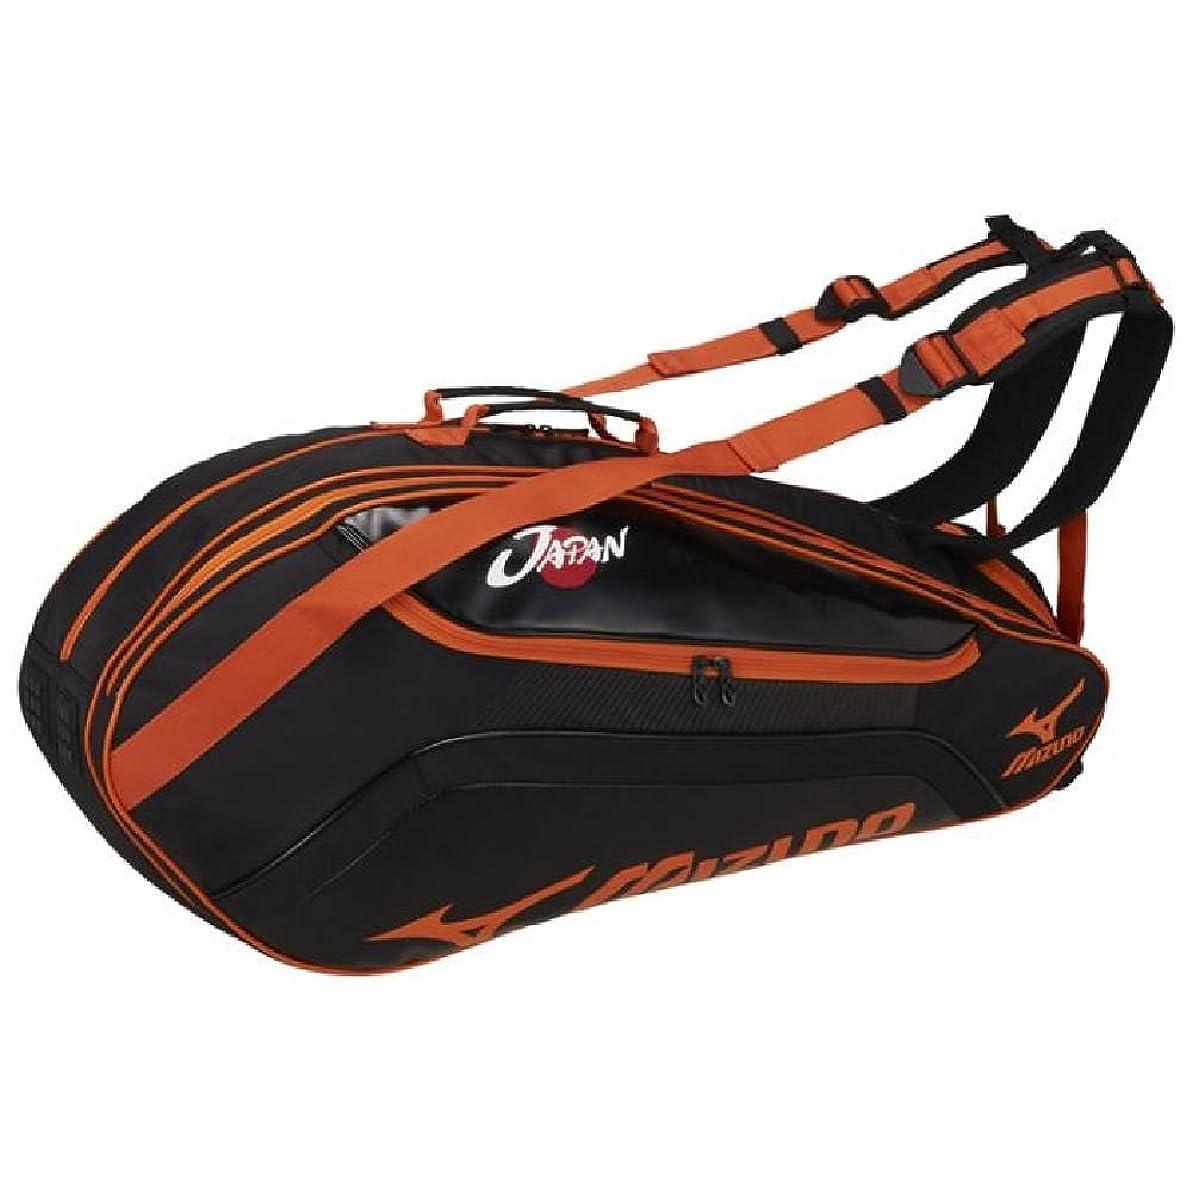 騒冗談で優れたMIZUNO(ミズノ) テニスバッグ ラケットバッグ 6本入れ 63JD7002